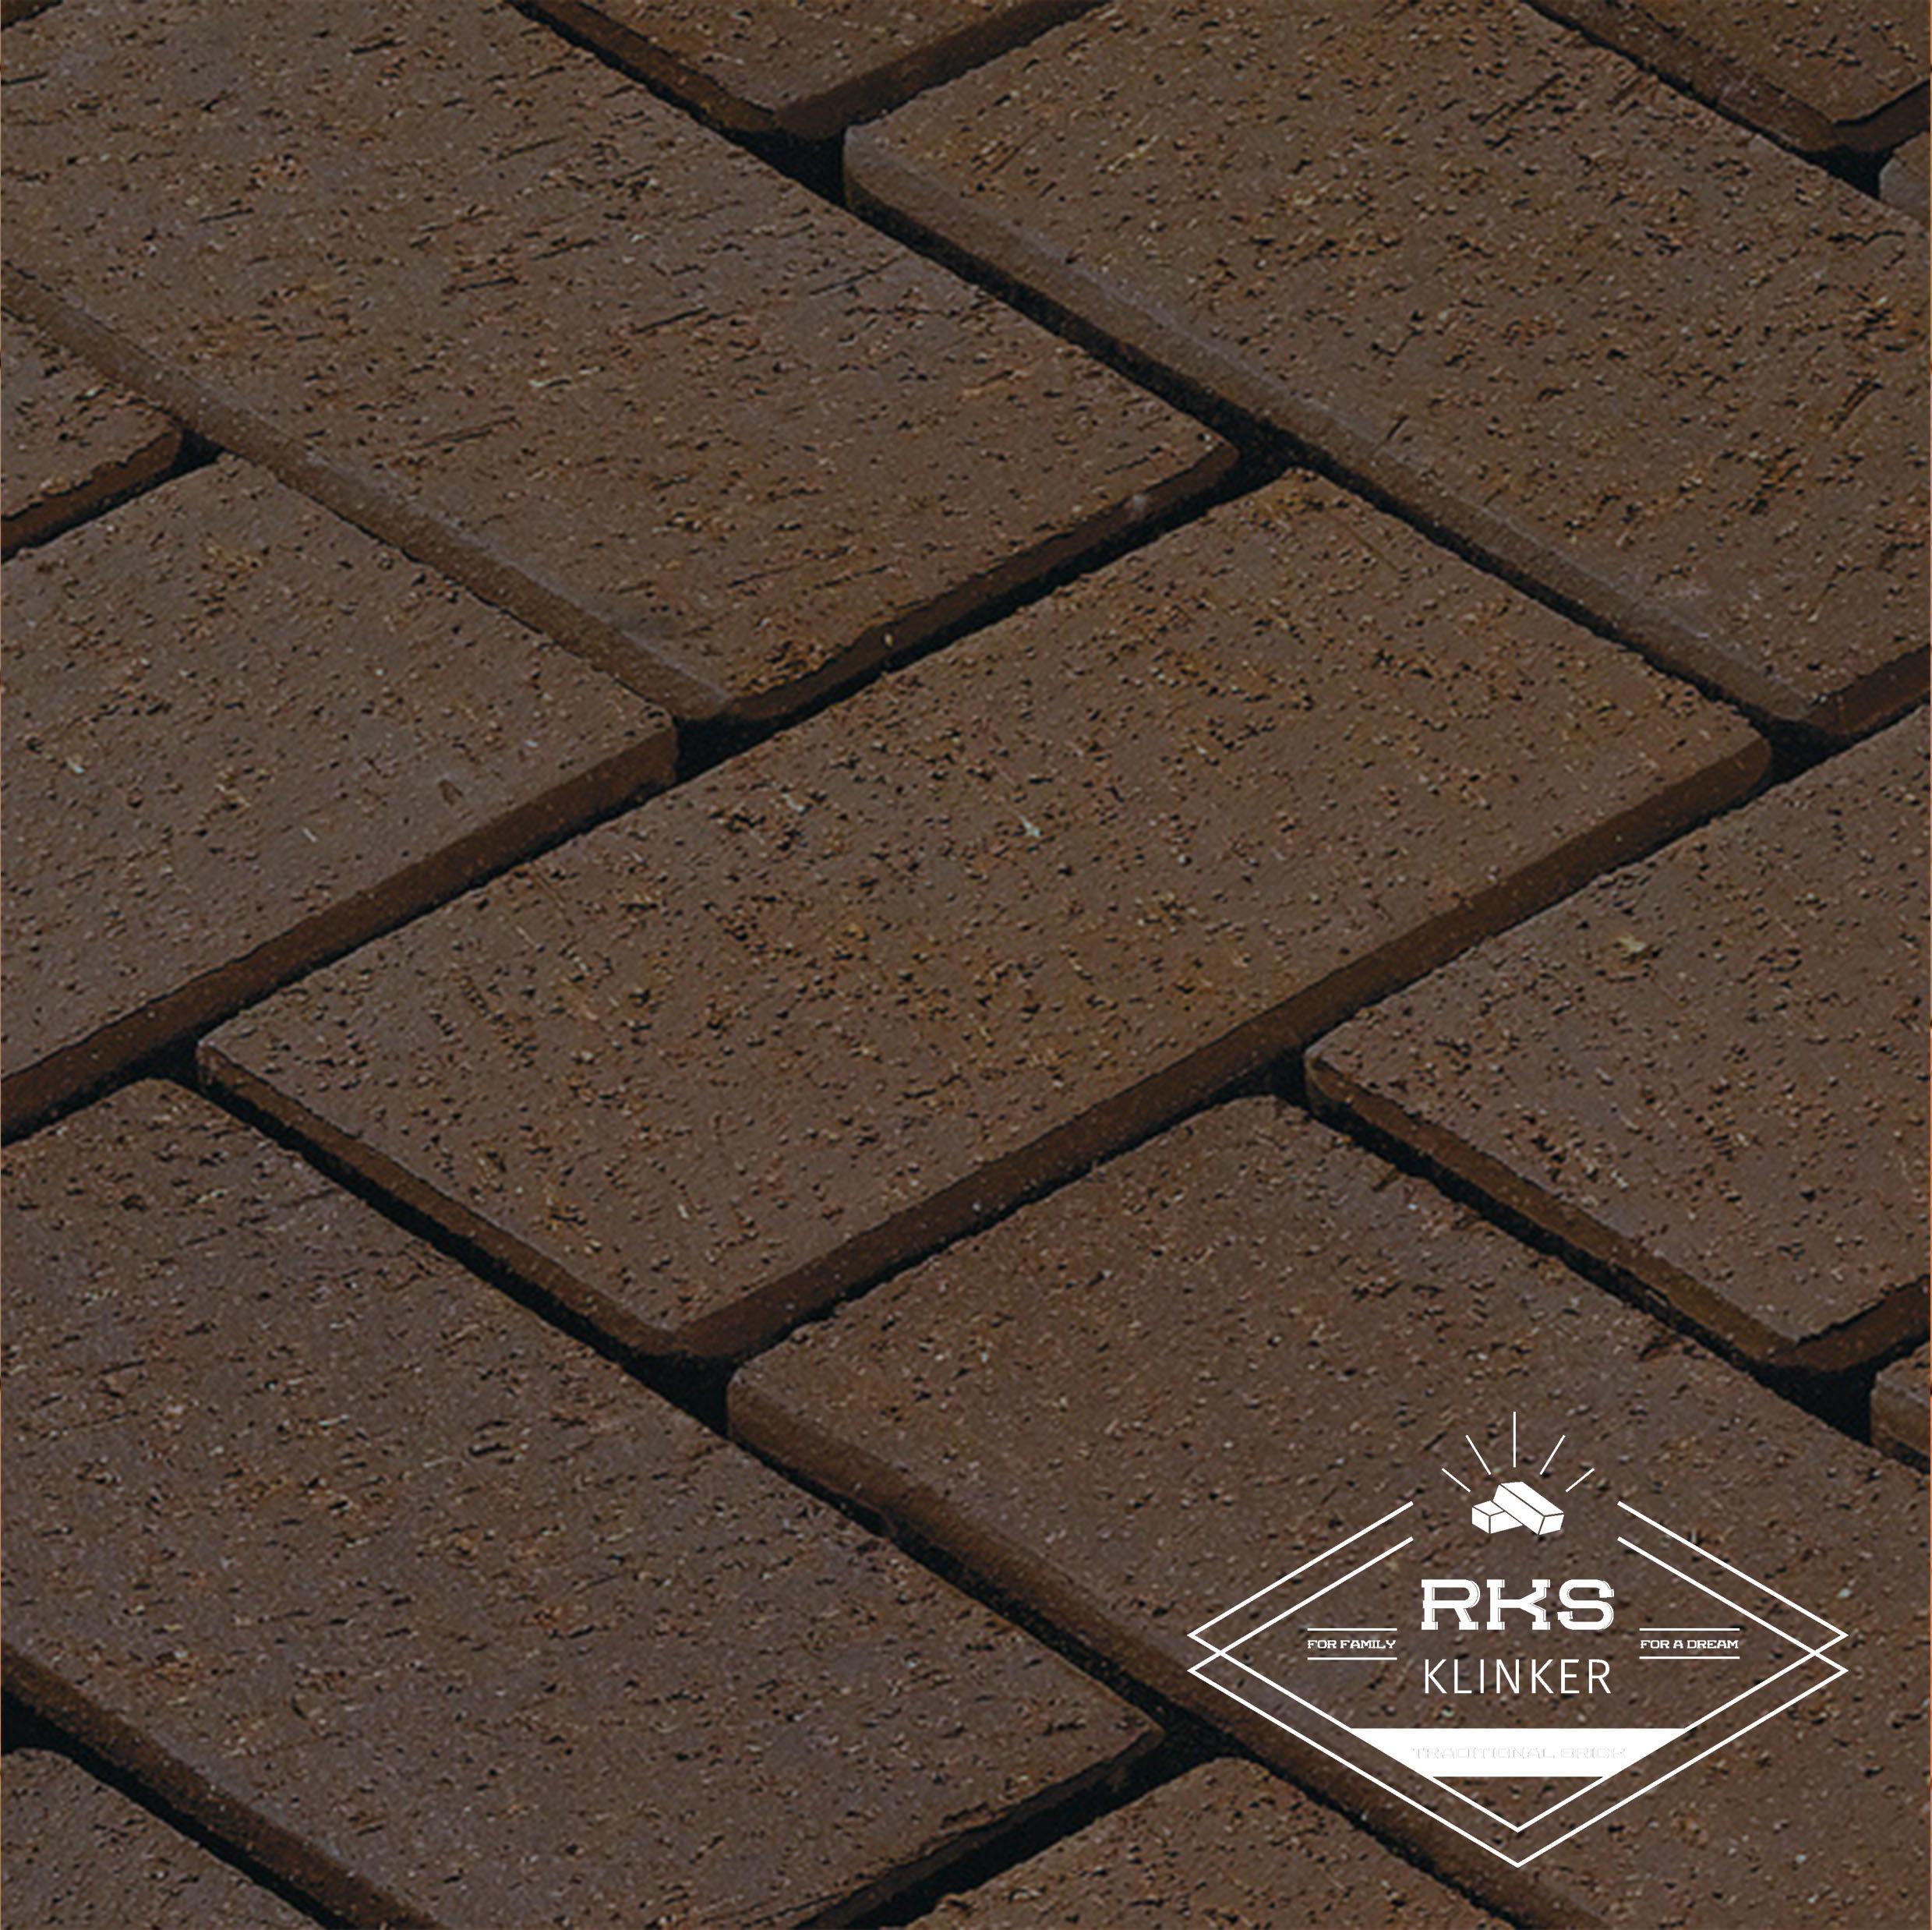 Клинкерная тротуарная плитка LHL, Wega, коричневый в Краснодаре